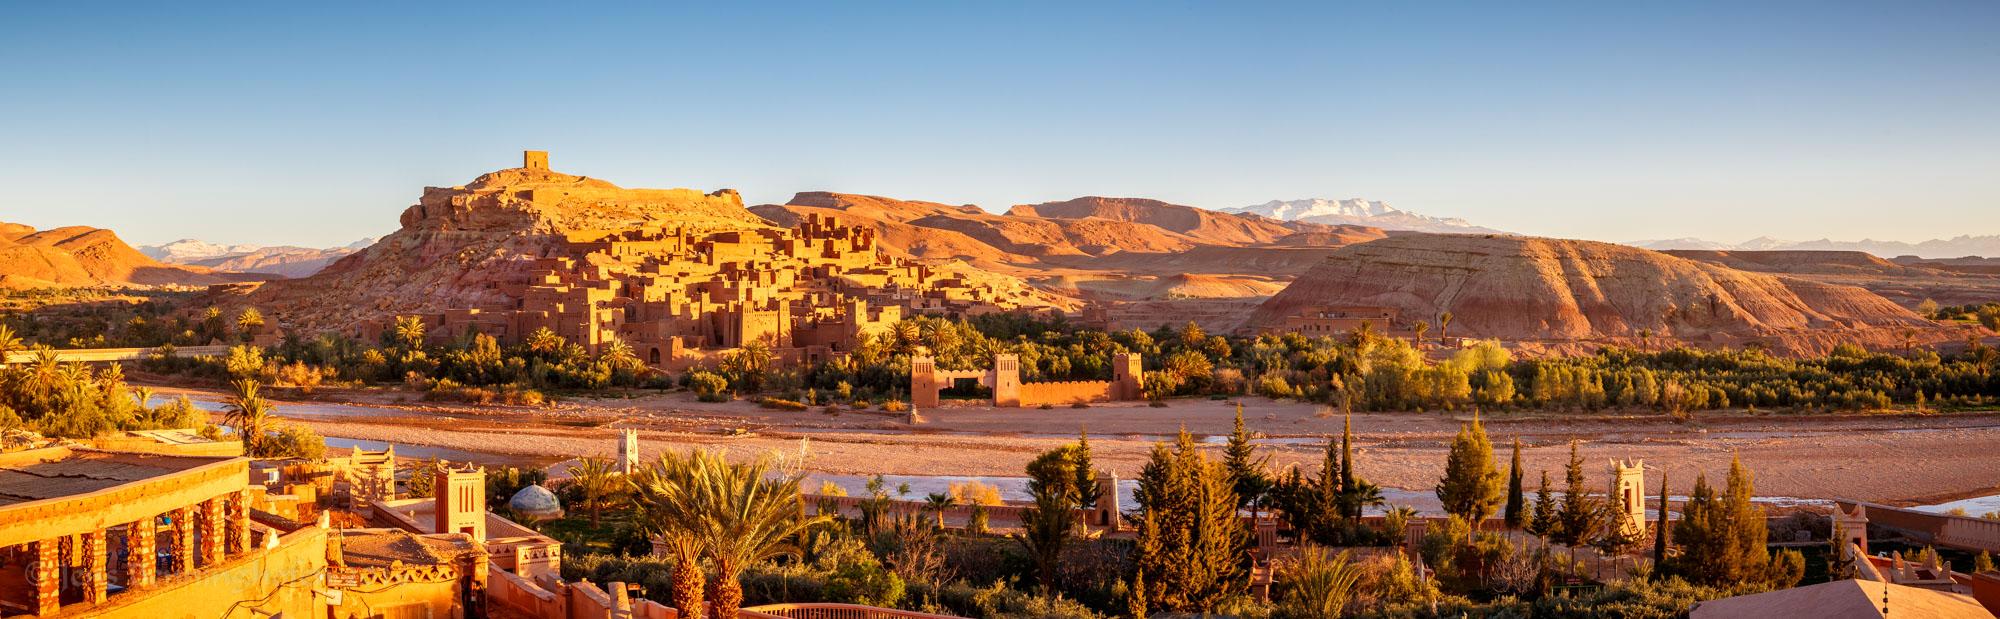 20160224_Marokko_0001-Pano